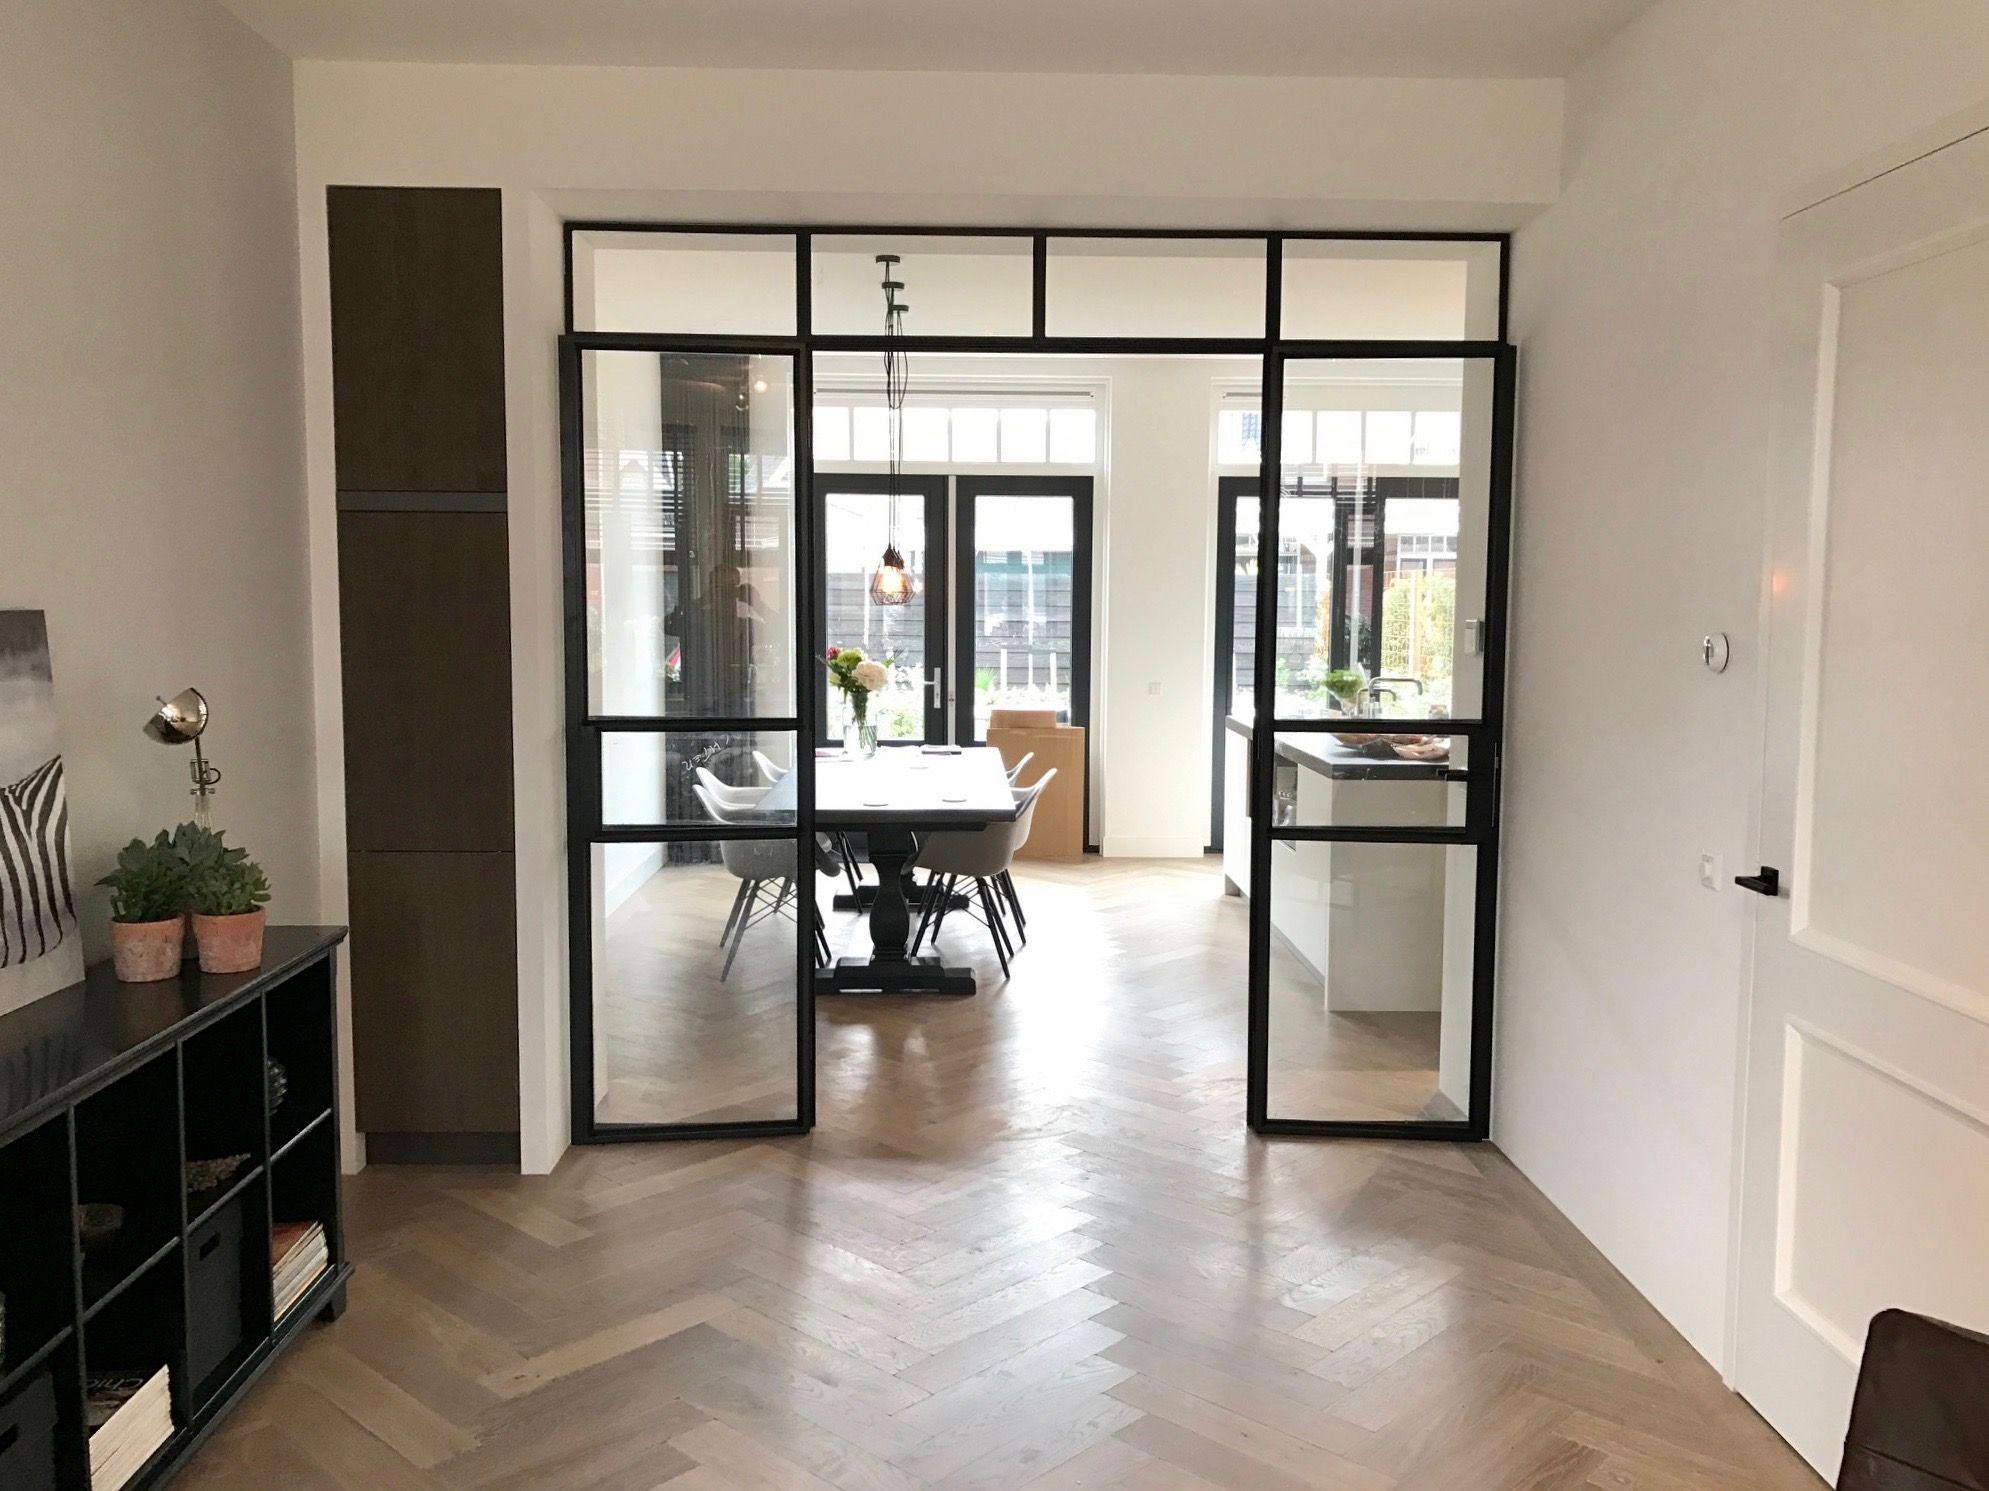 Modern Gezellig Interieur : Stalen ensuite deuren in warm en modern interieur. de grote ruimte